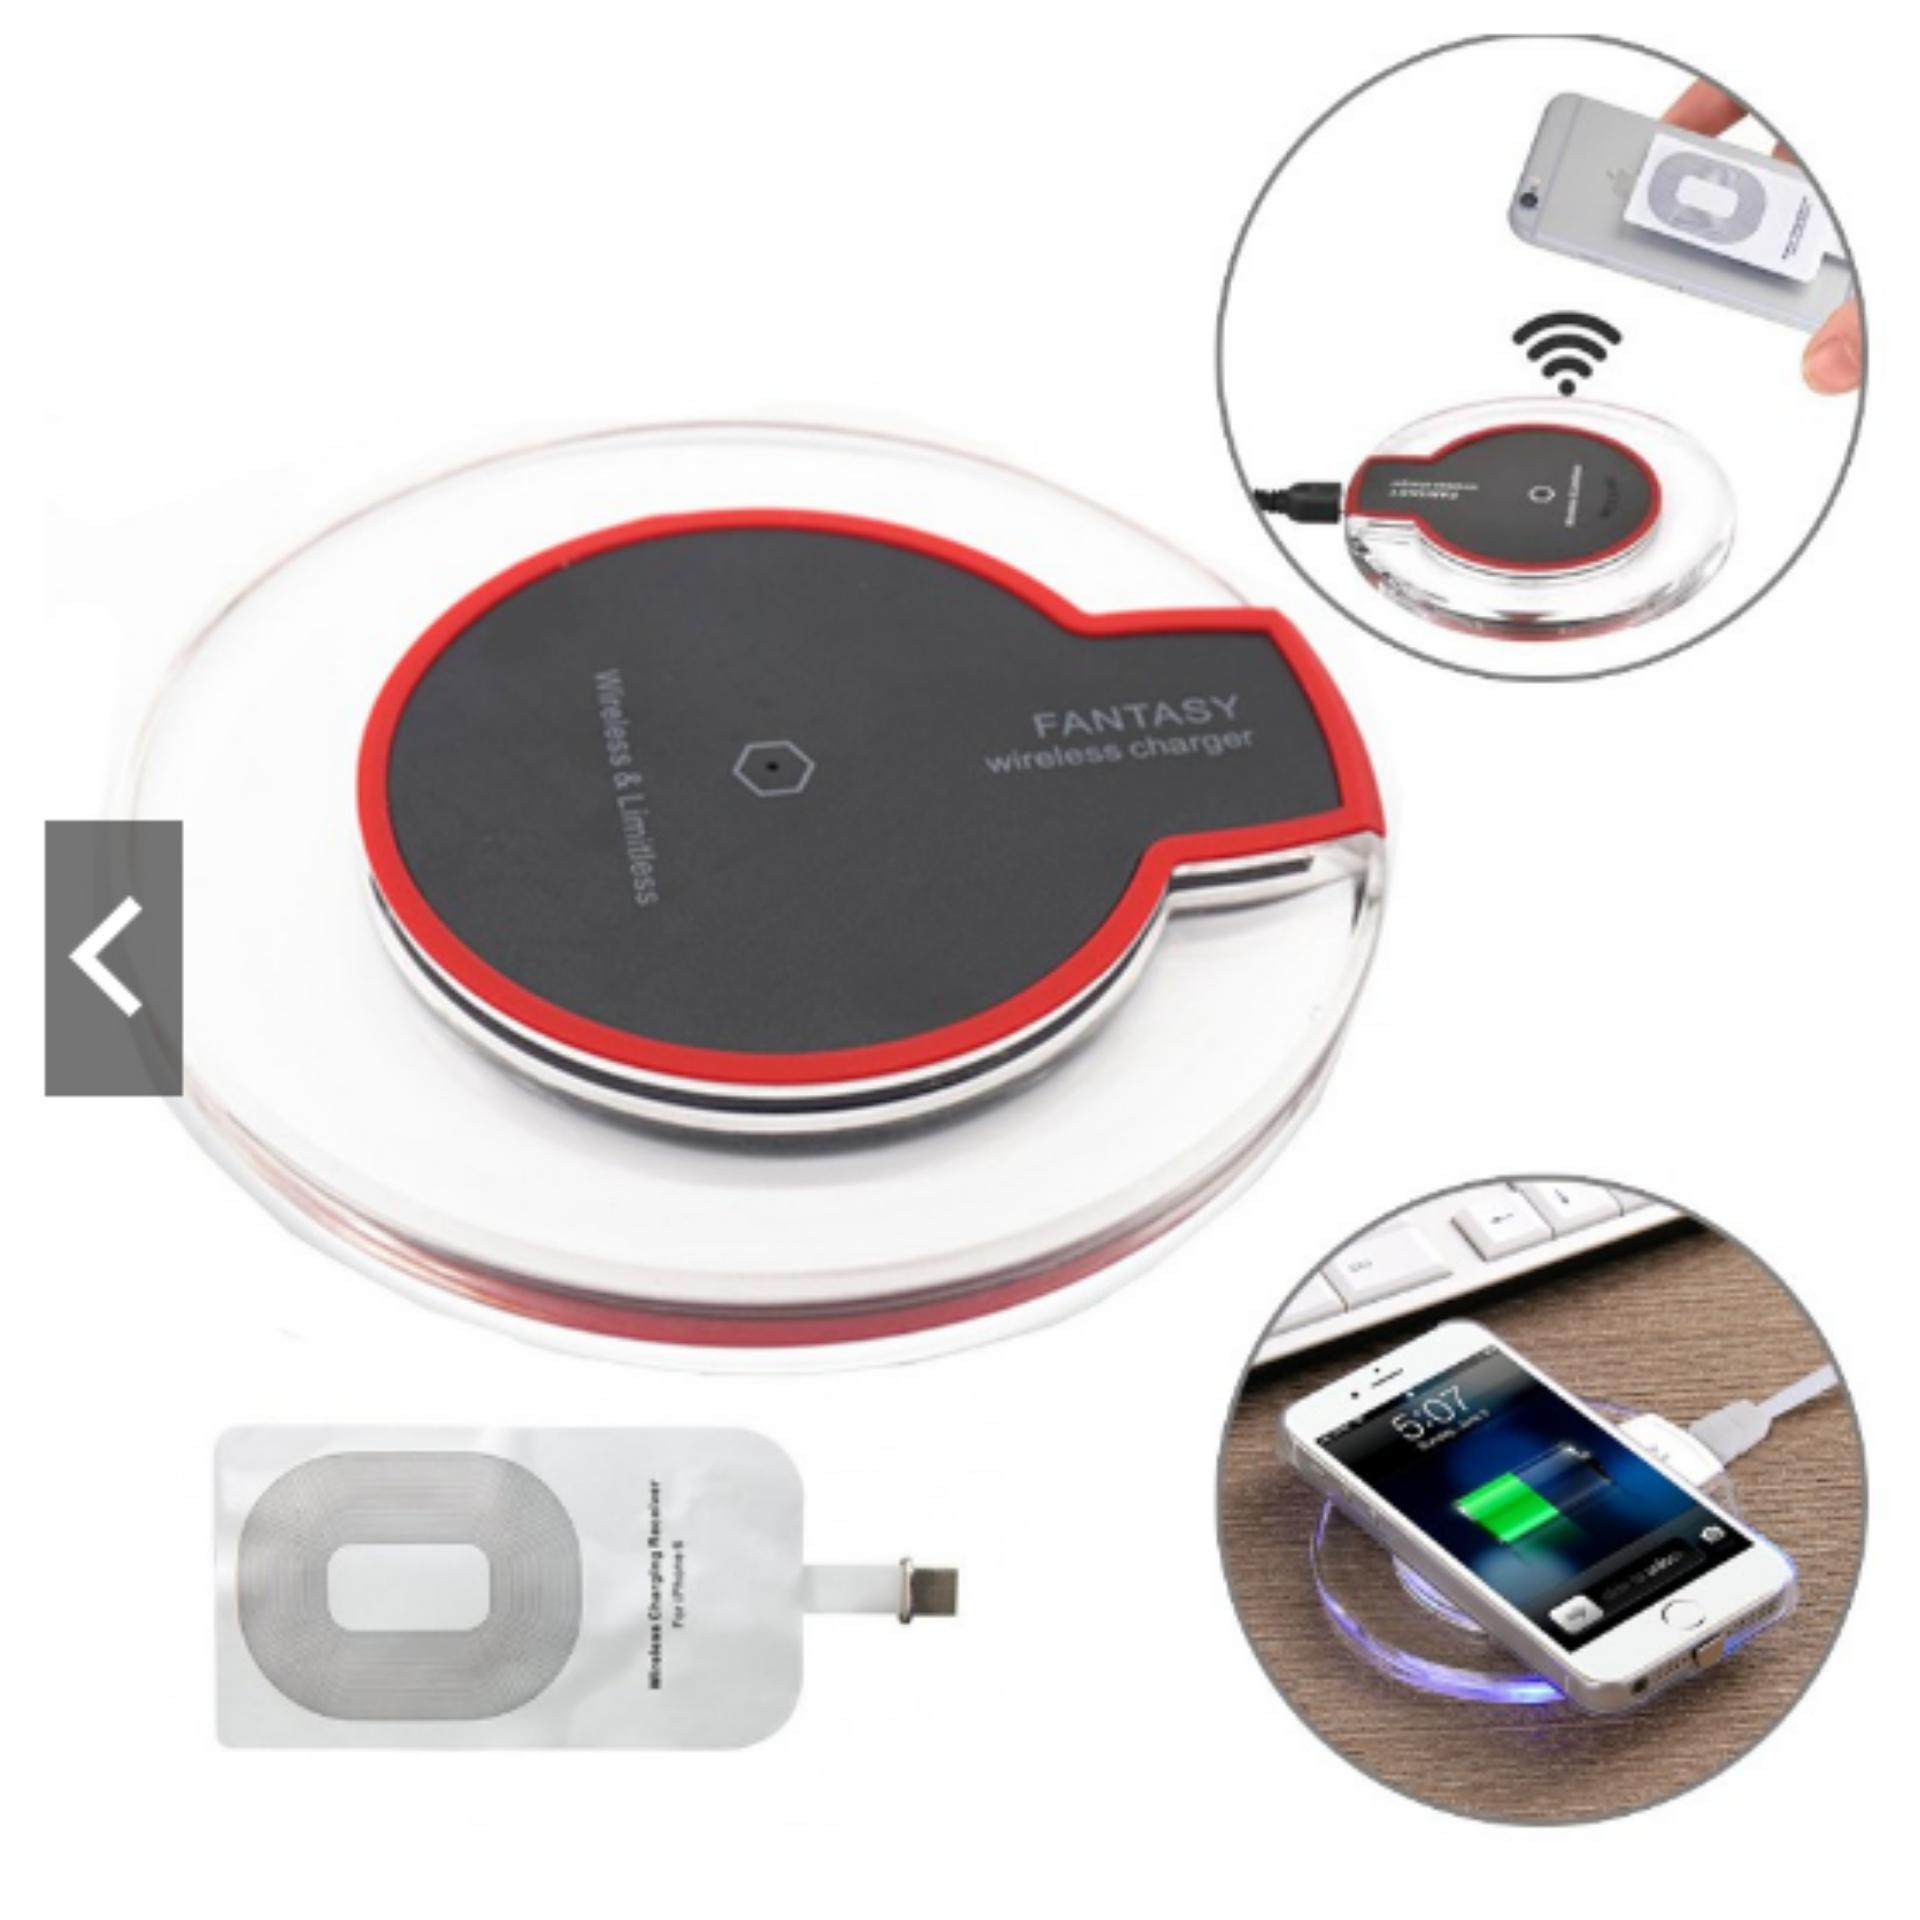 Bộ sạc không dây cho iphone 5,6,7 full bộ ( đế và bo mạch)